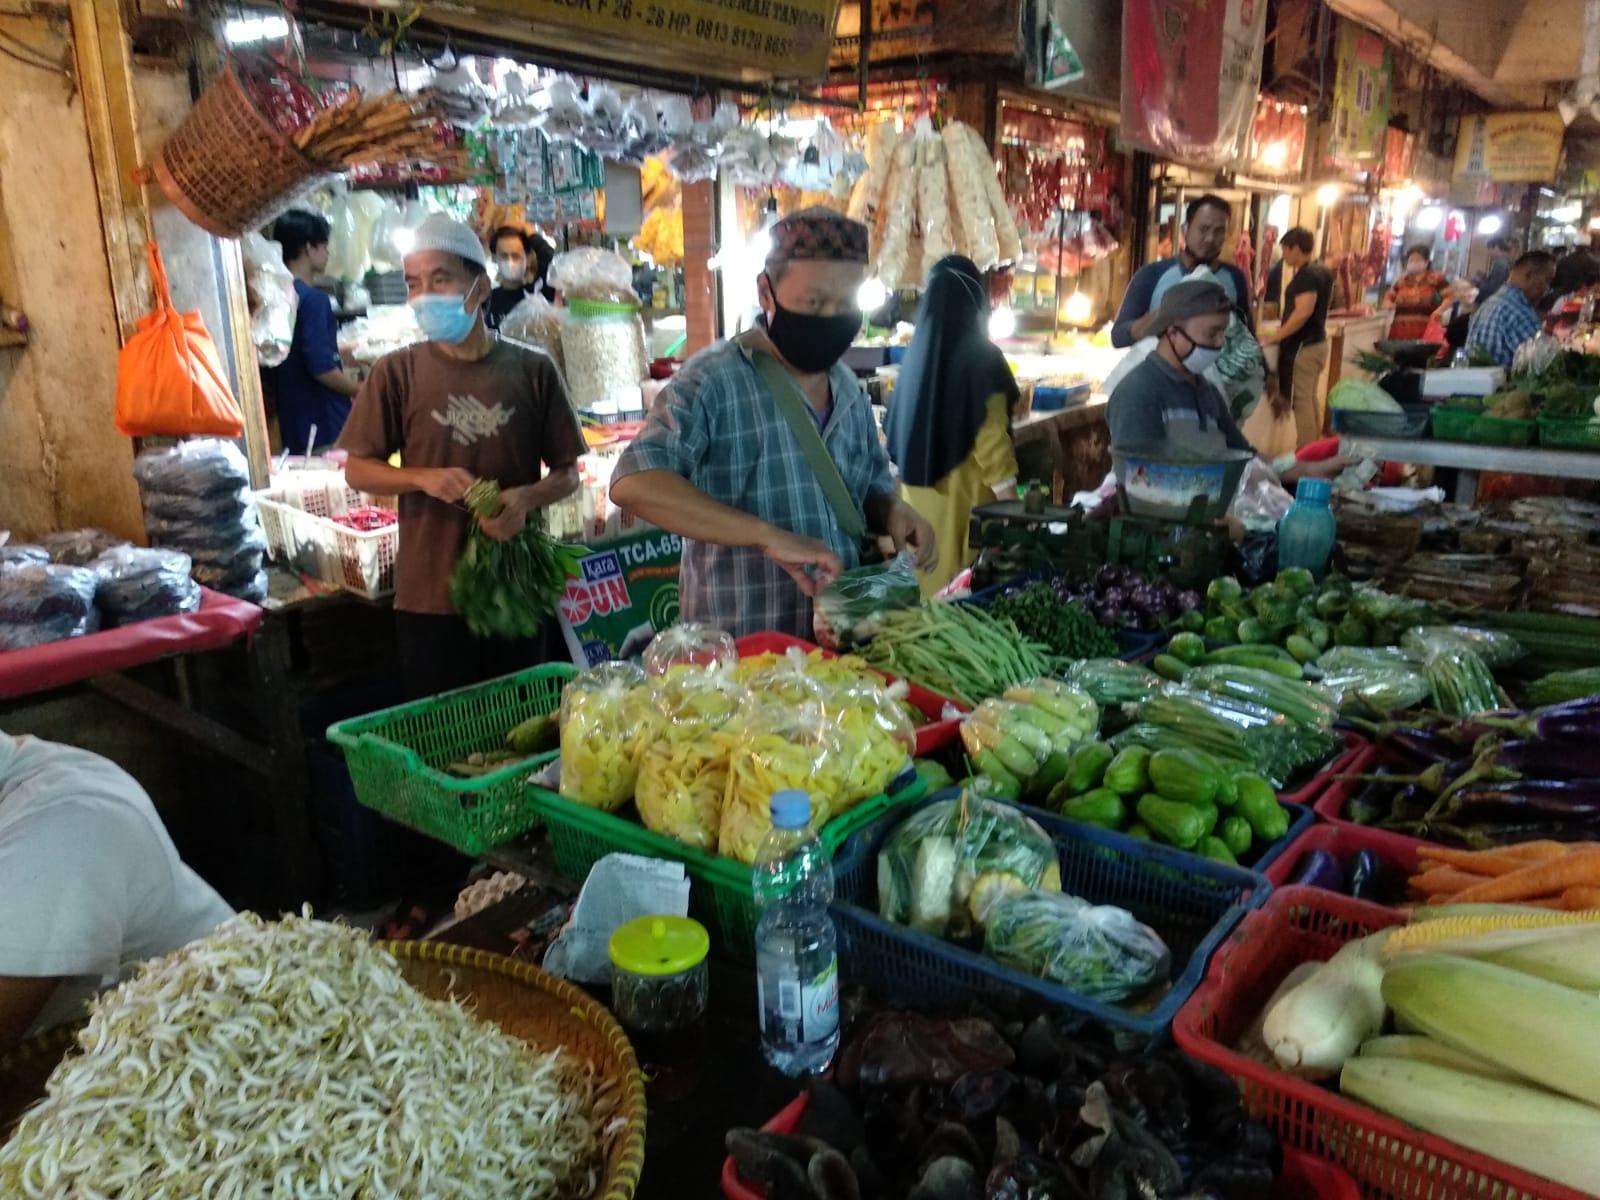 PPKM Darurat Ke Hari 10 : Komoditi Pasar Basah, Sayuran dan Bahan Pokok Tetap Buka